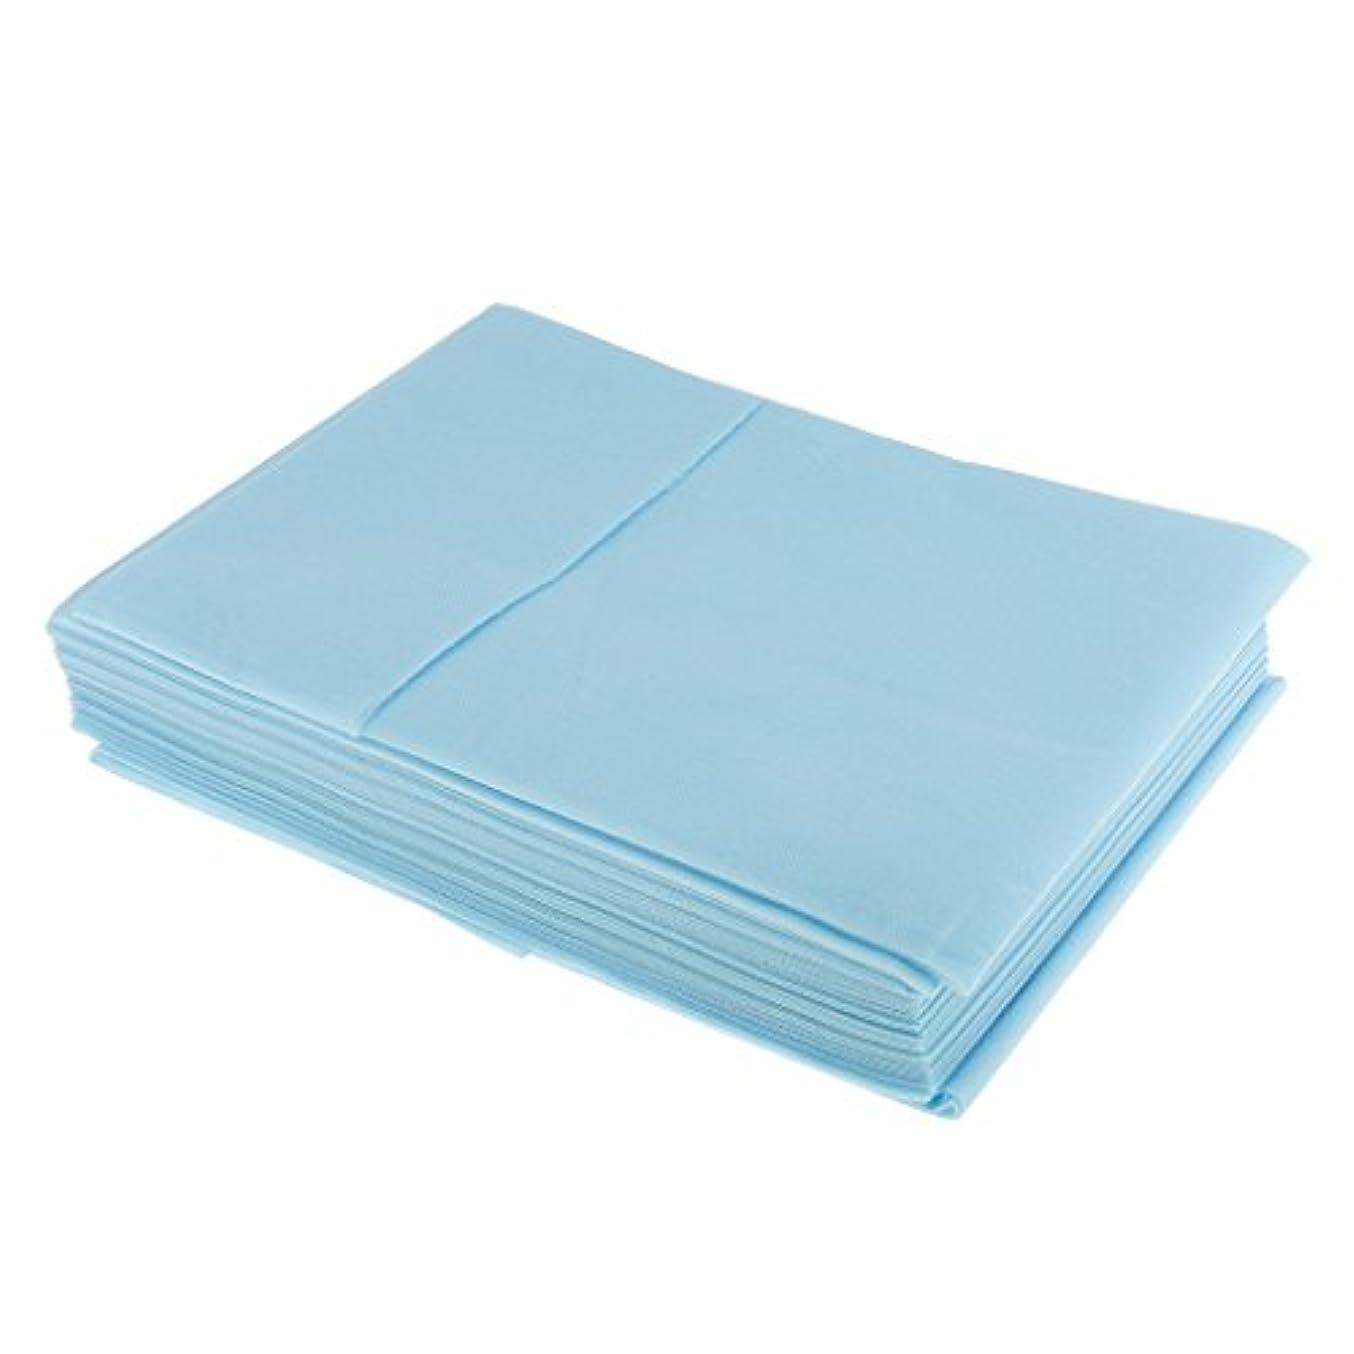 論理抽象化現実10枚入り 使い捨て 美容室/マッサージ/サロン/ホテル ベッドパッド 旅行用 衛生シート 全3色選べ - 青